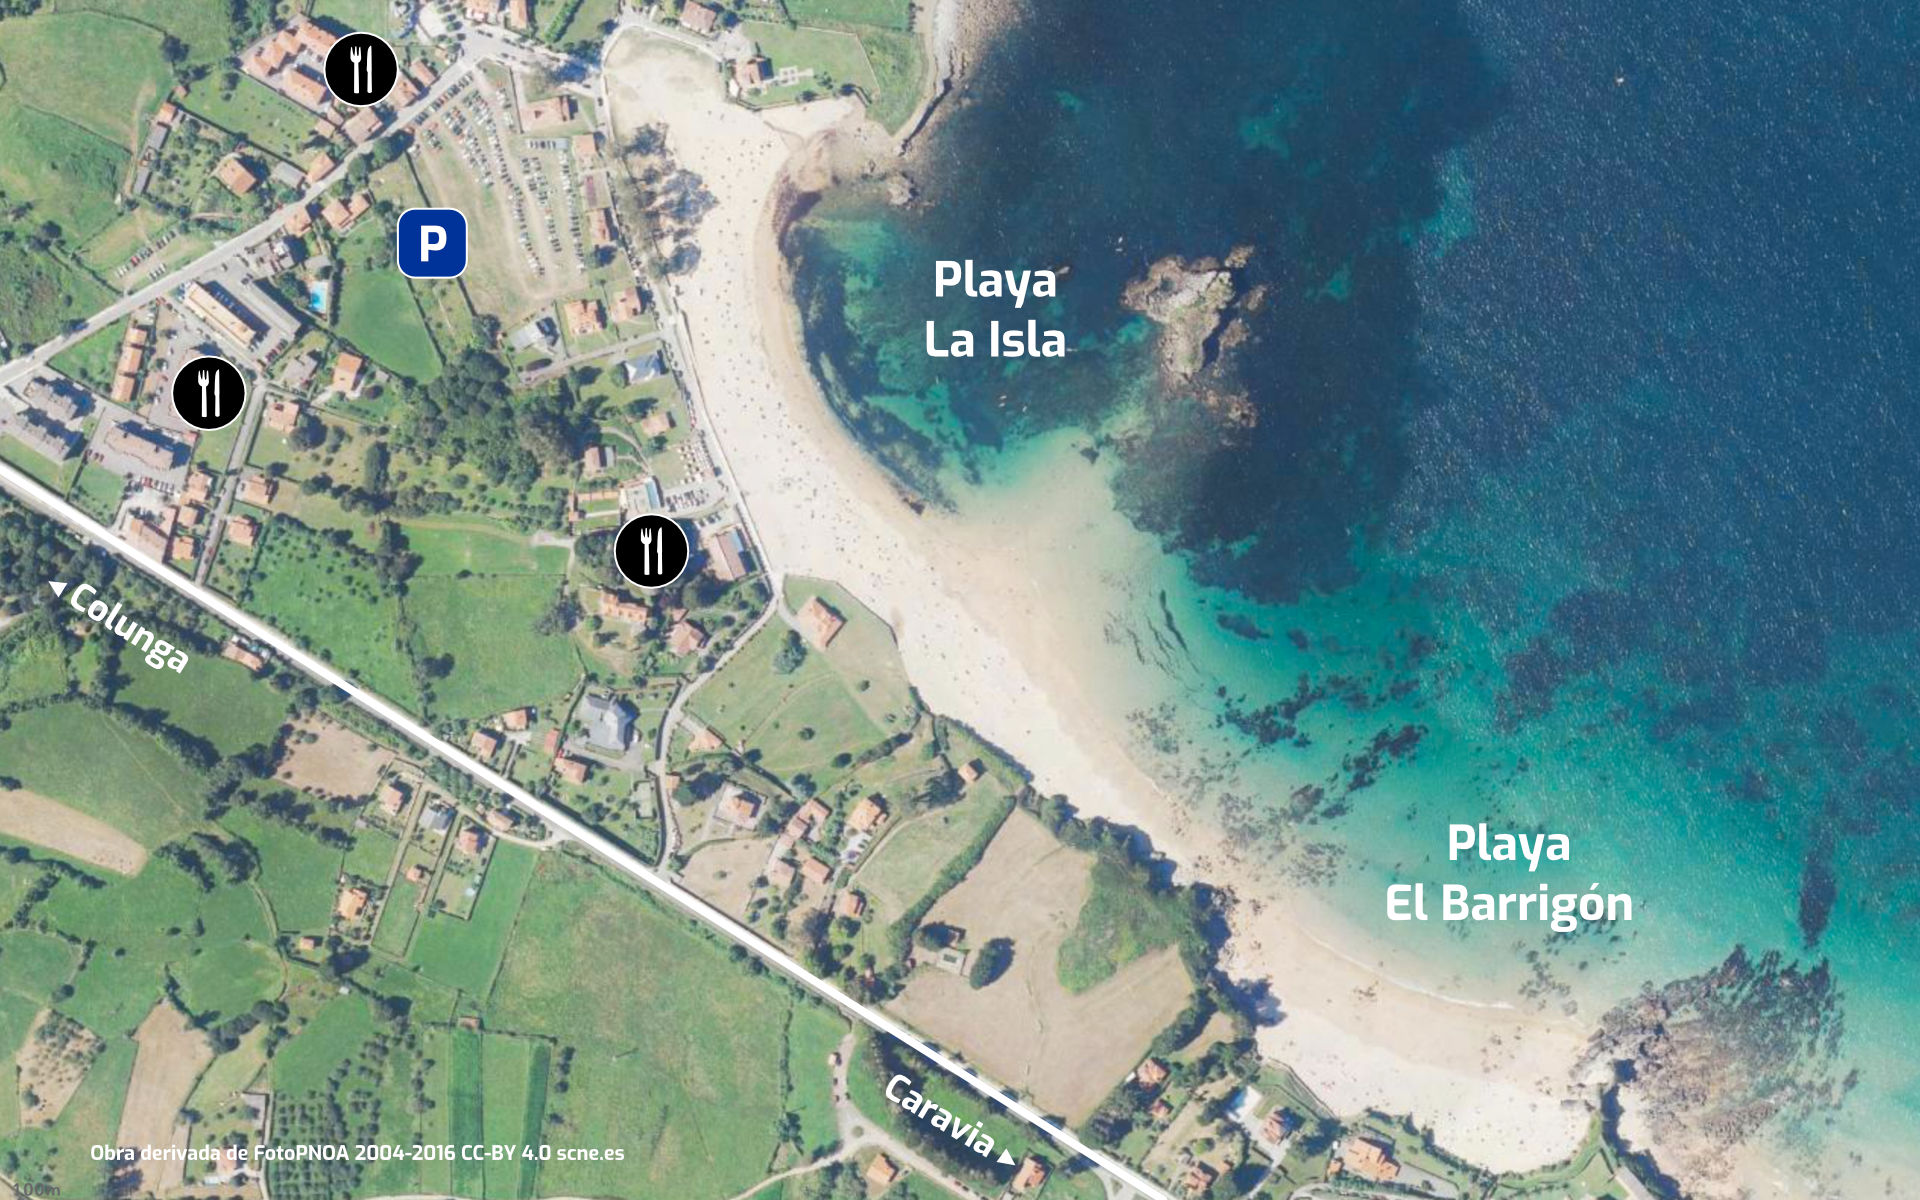 Mapa de las playas de La Isla y El Barrigón en Colunga, Asturias